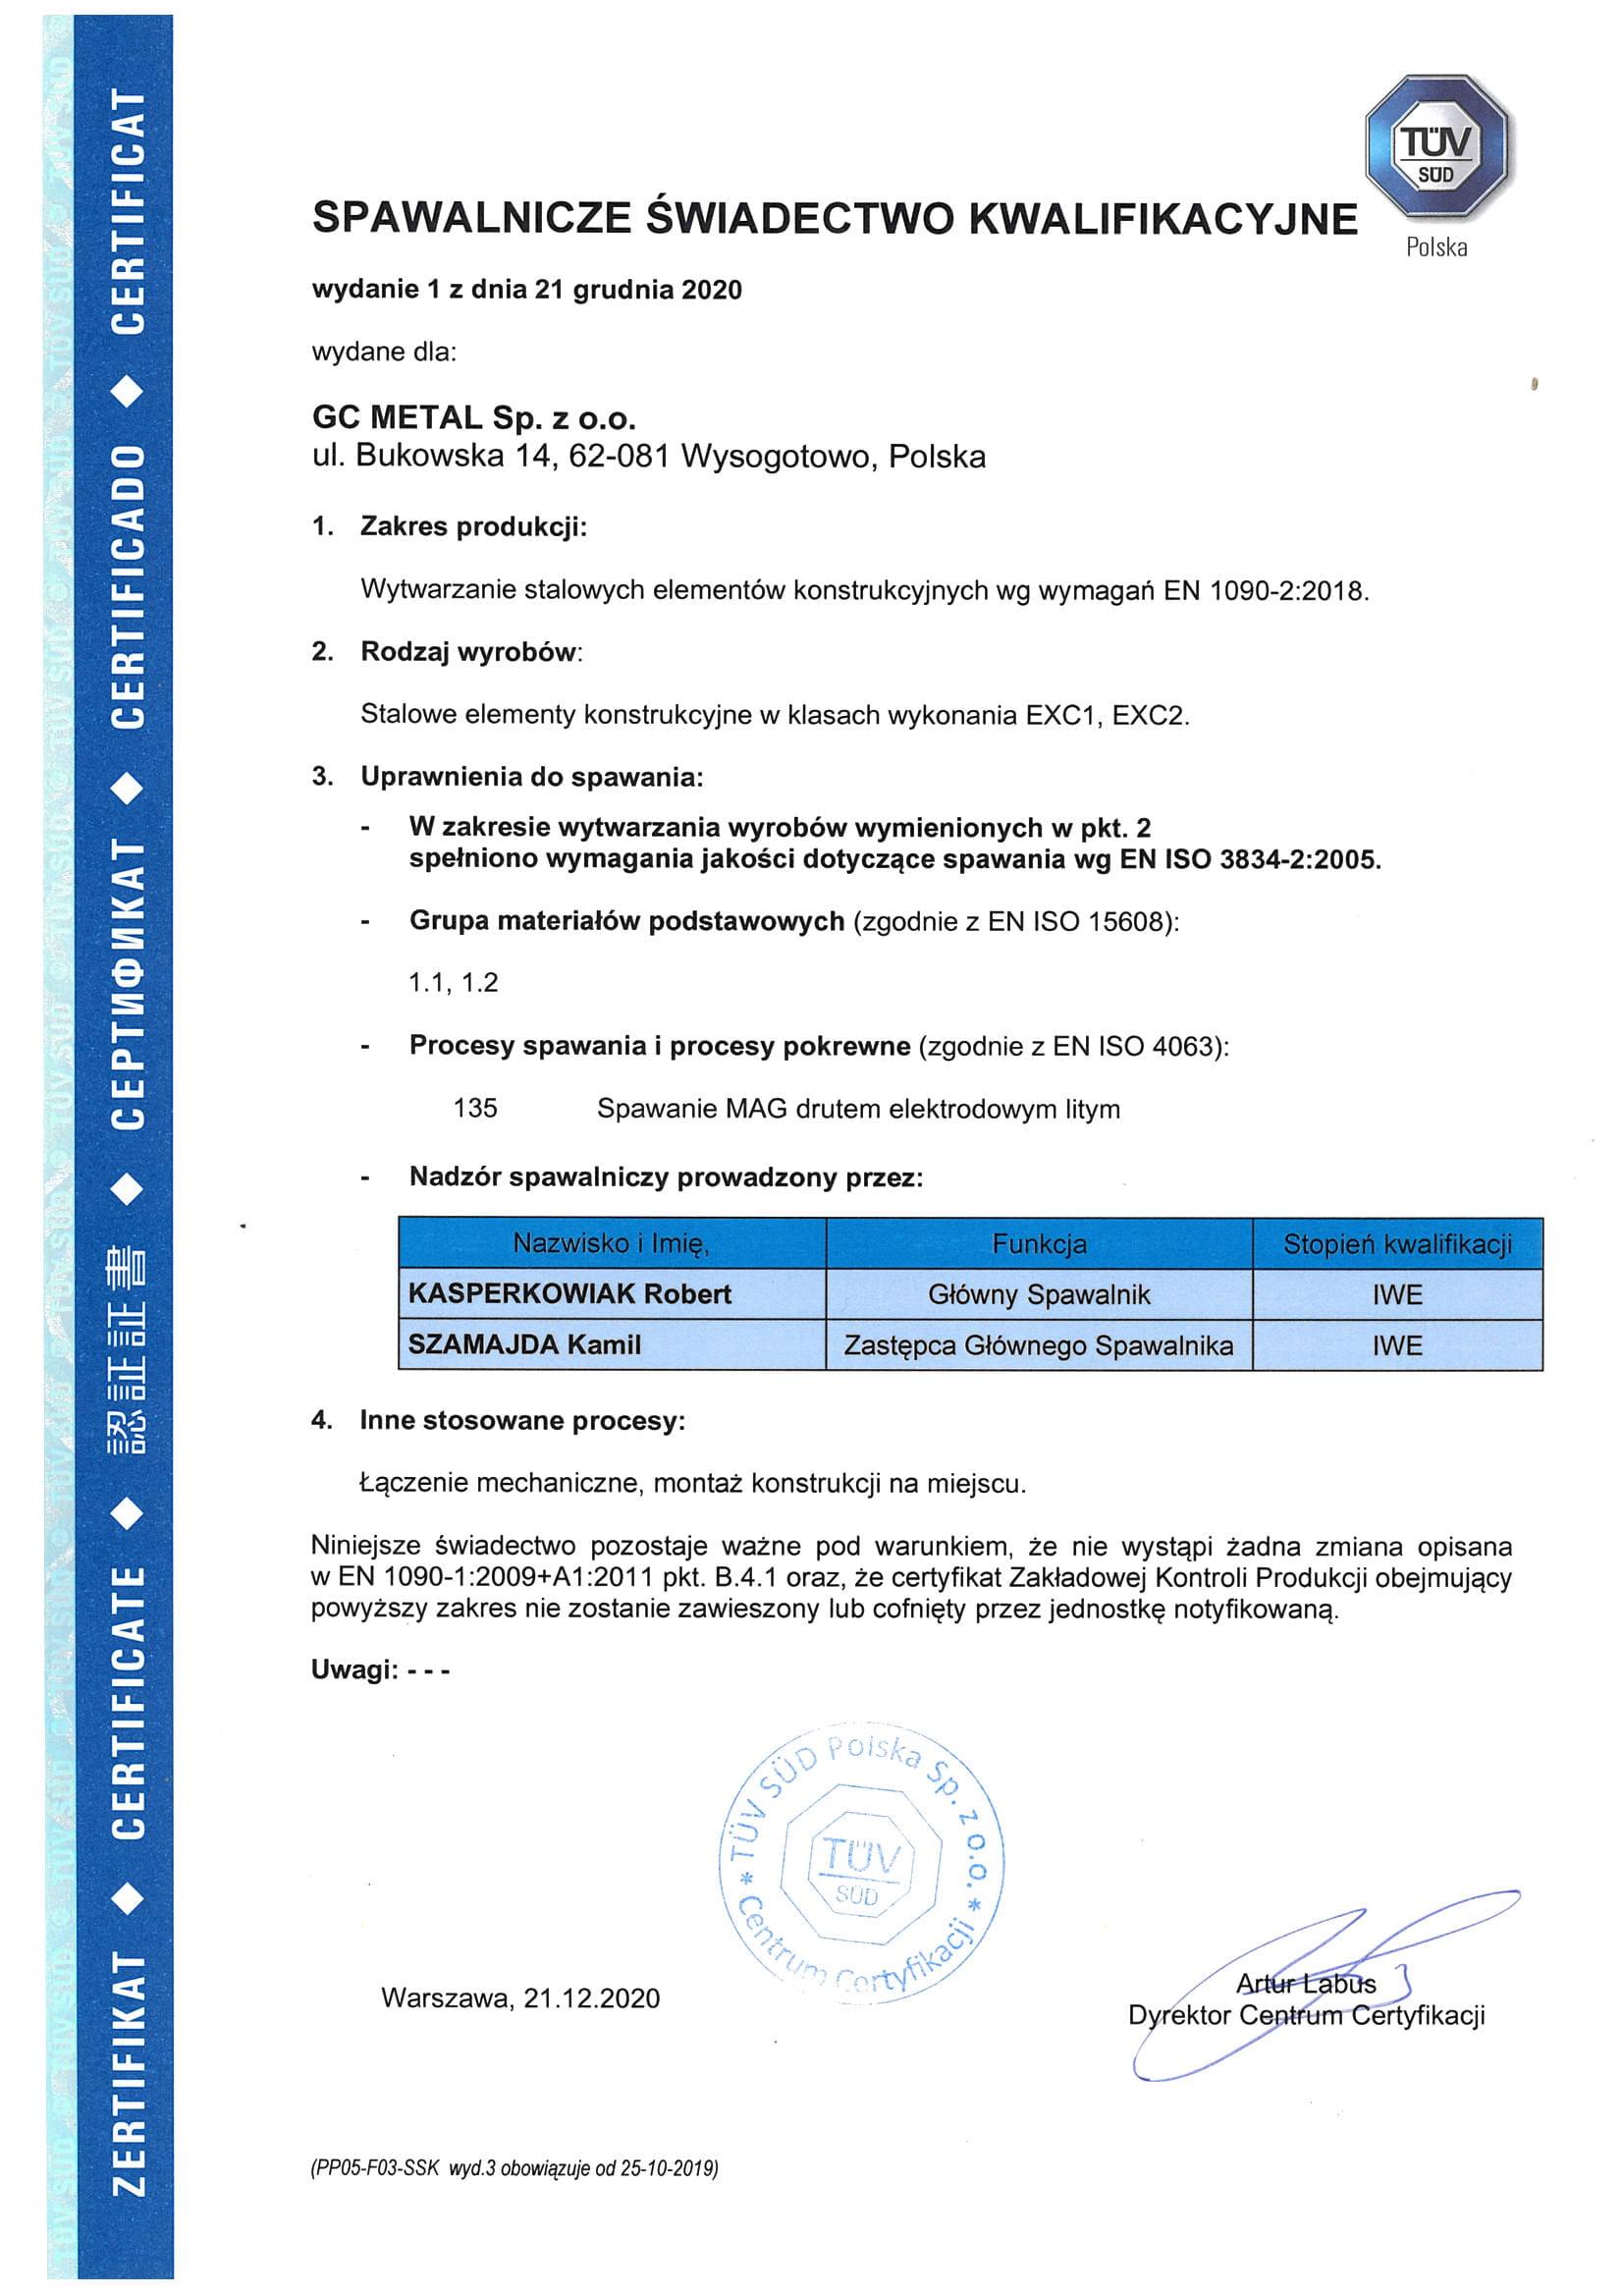 Certyfikat PL (3)